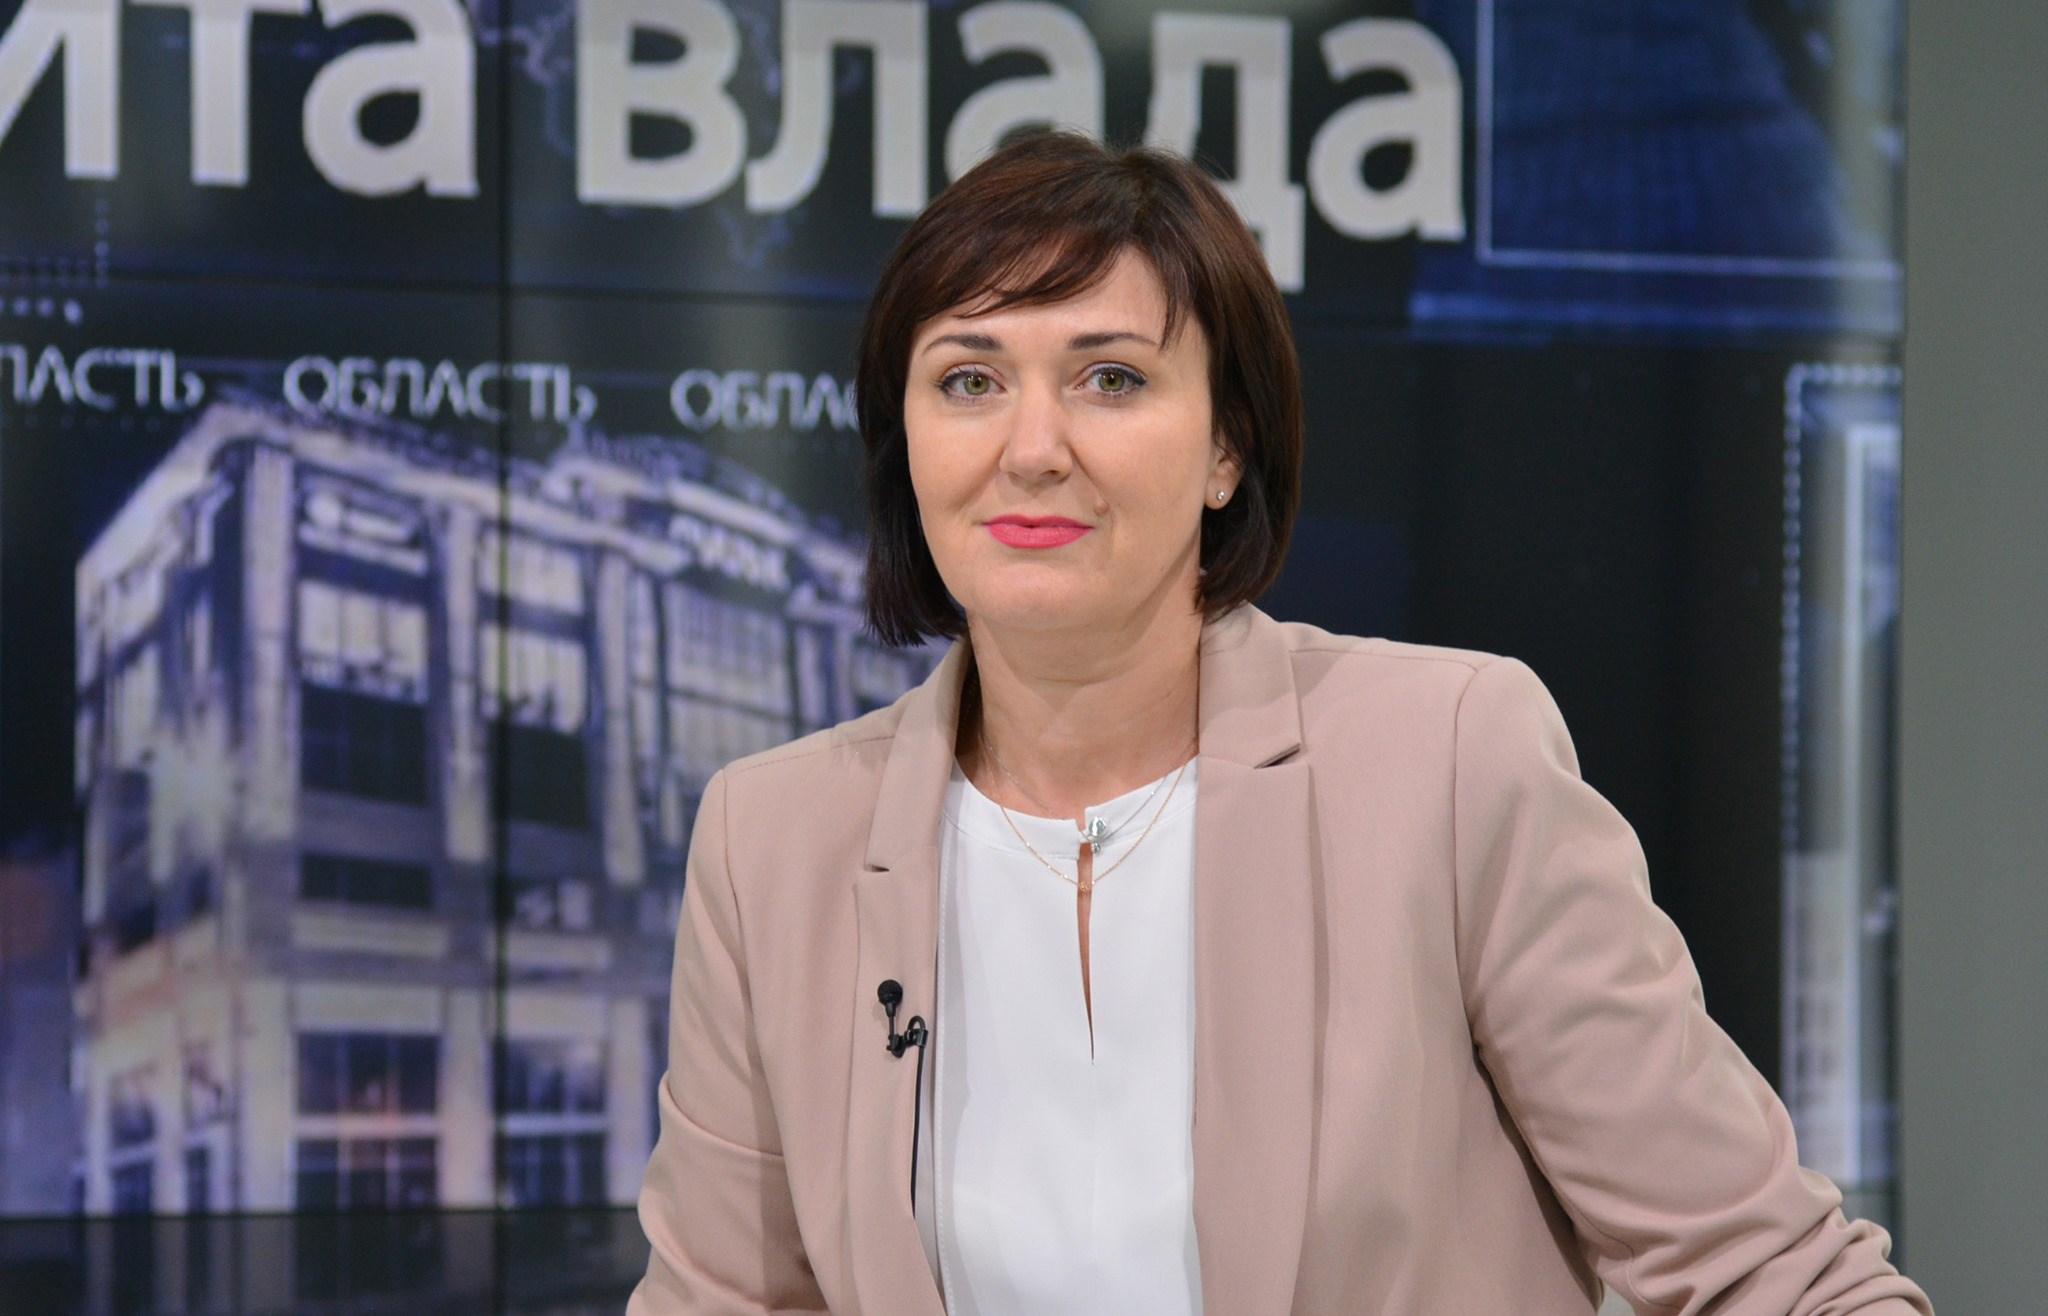 Про що мріє та чим живе голова Волинської облради Ірина Вахович